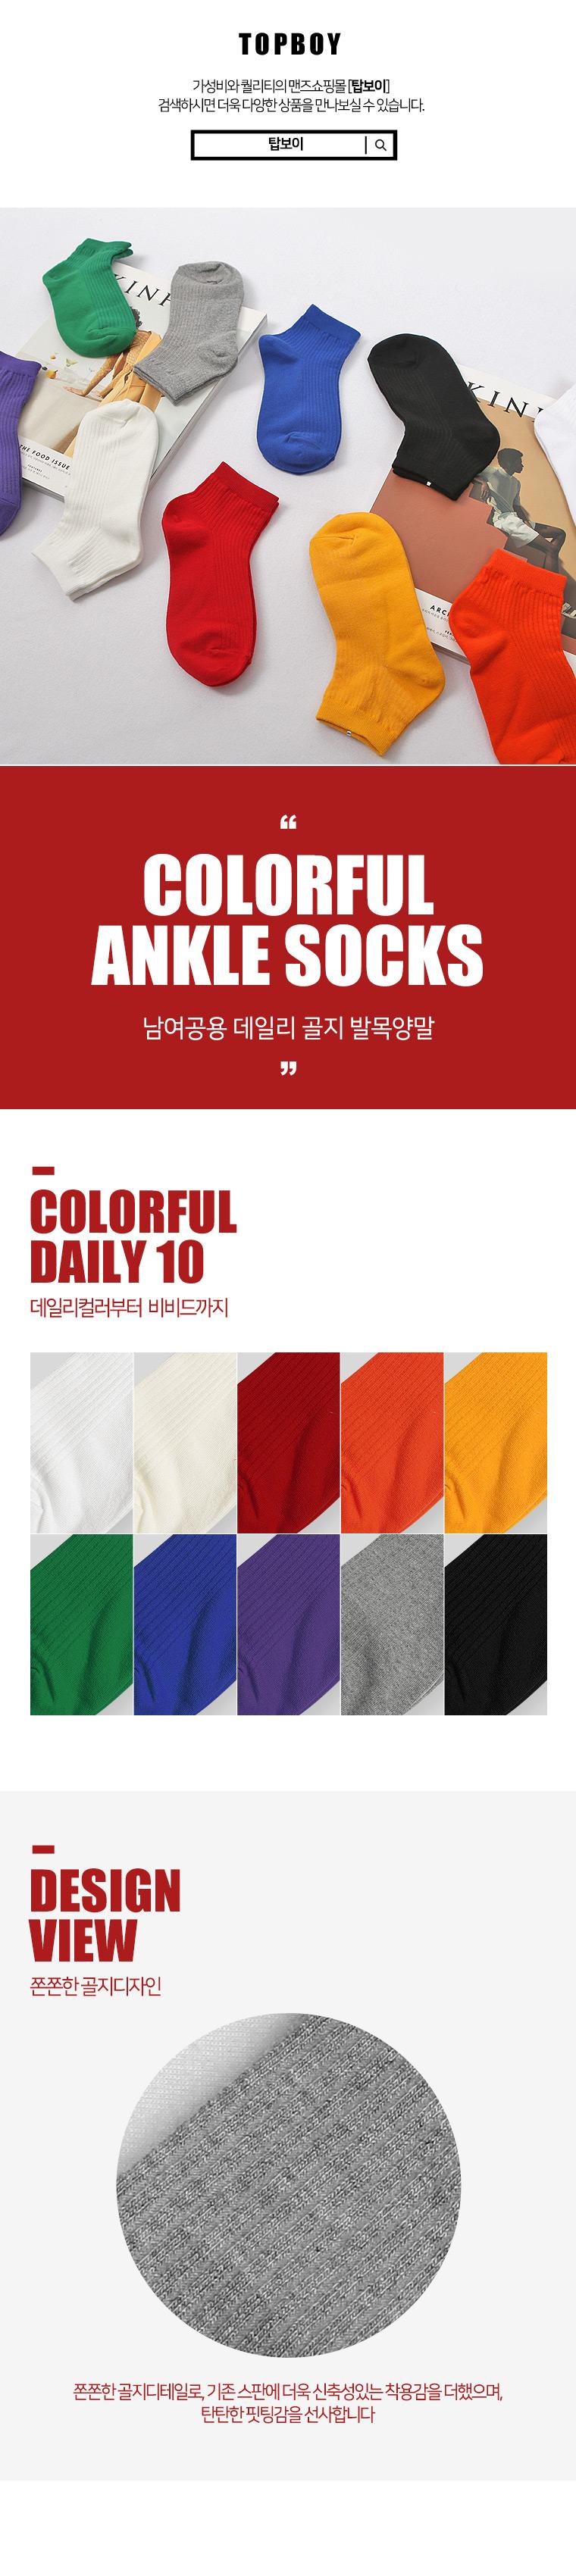 남녀공용 데일리 골지 발목양말 (DOY003) - 탑보이, 8,900원, 남성양말, 패션양말